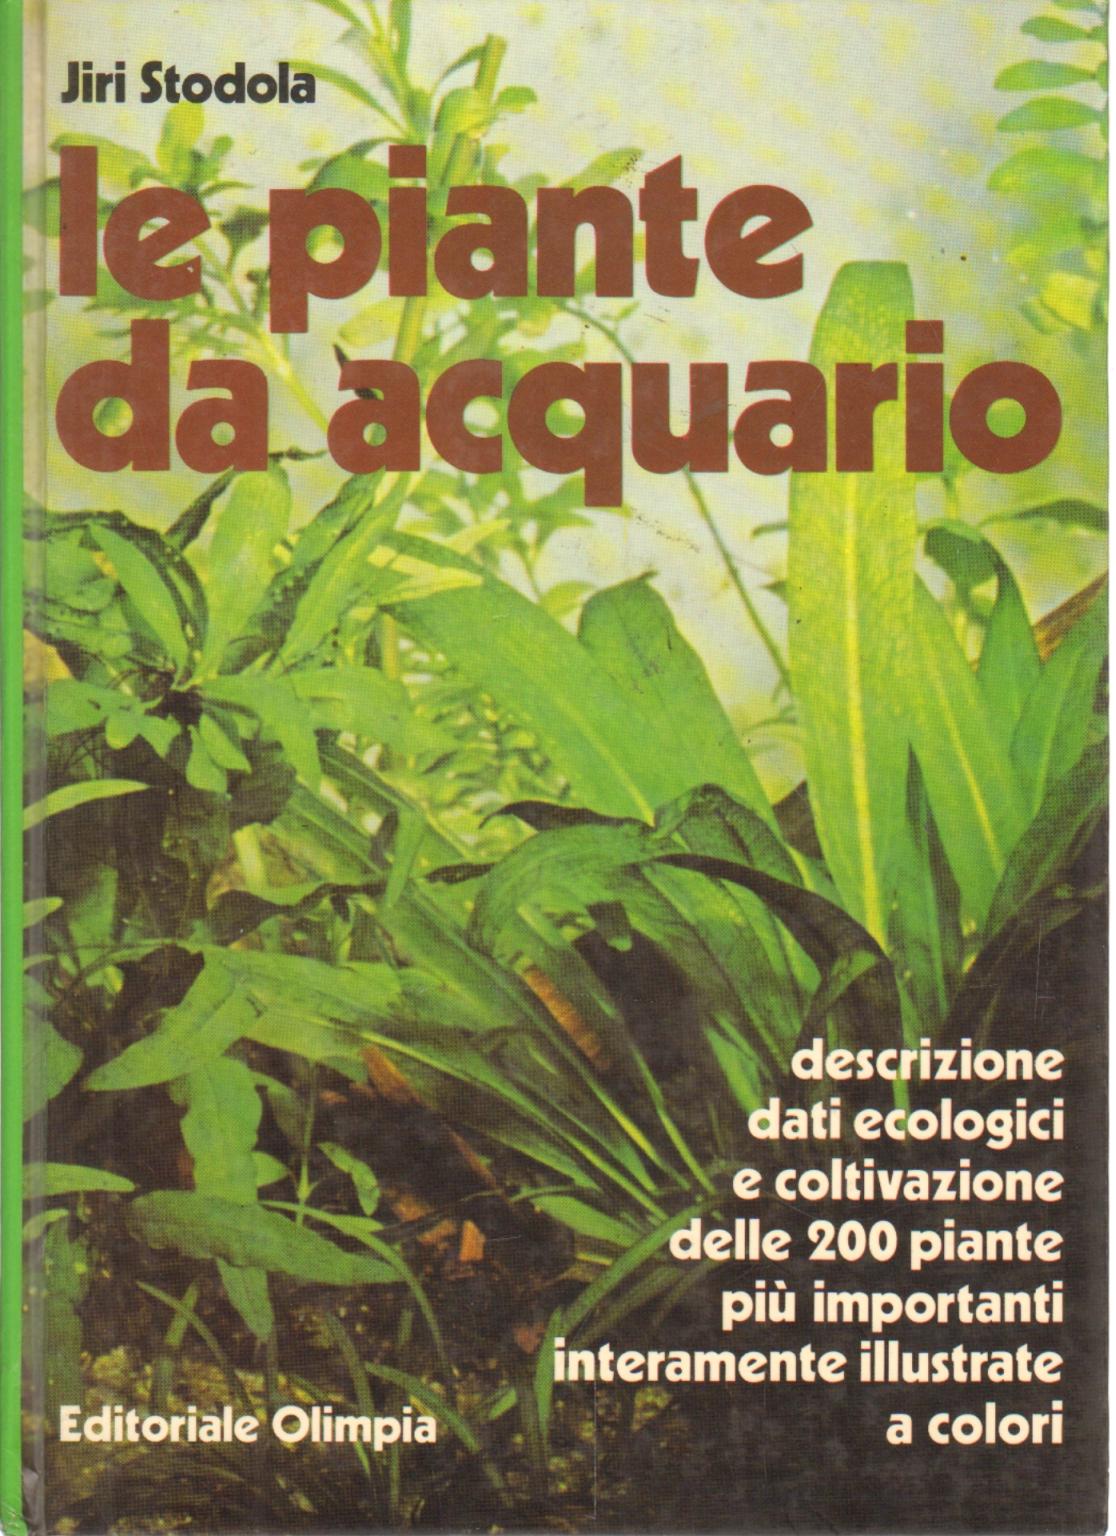 Le piante da acquario jiri stodola manualistica varia for Piante da acquario